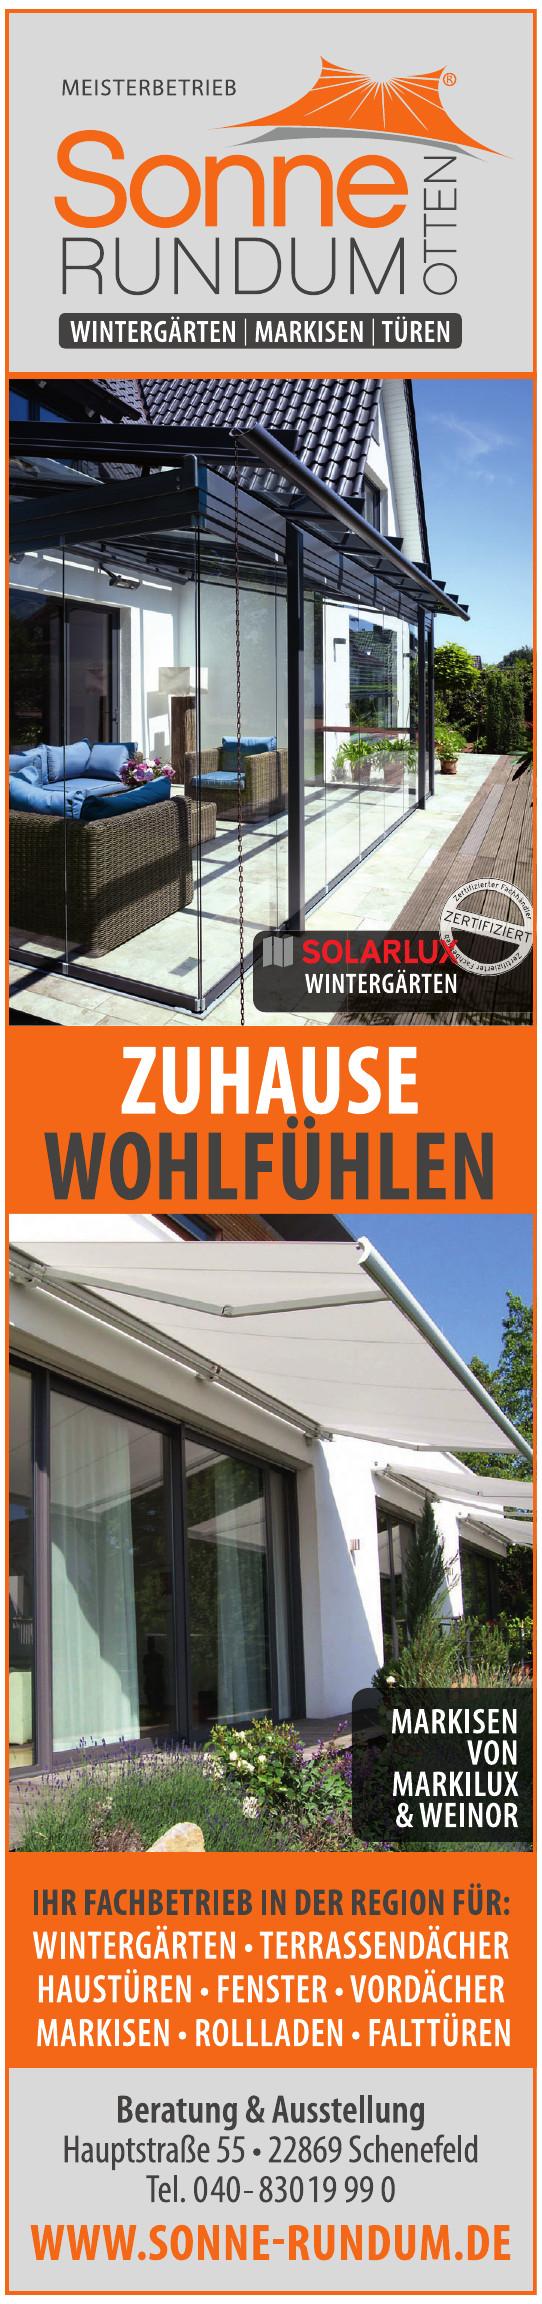 Sonne Rundum GmbH